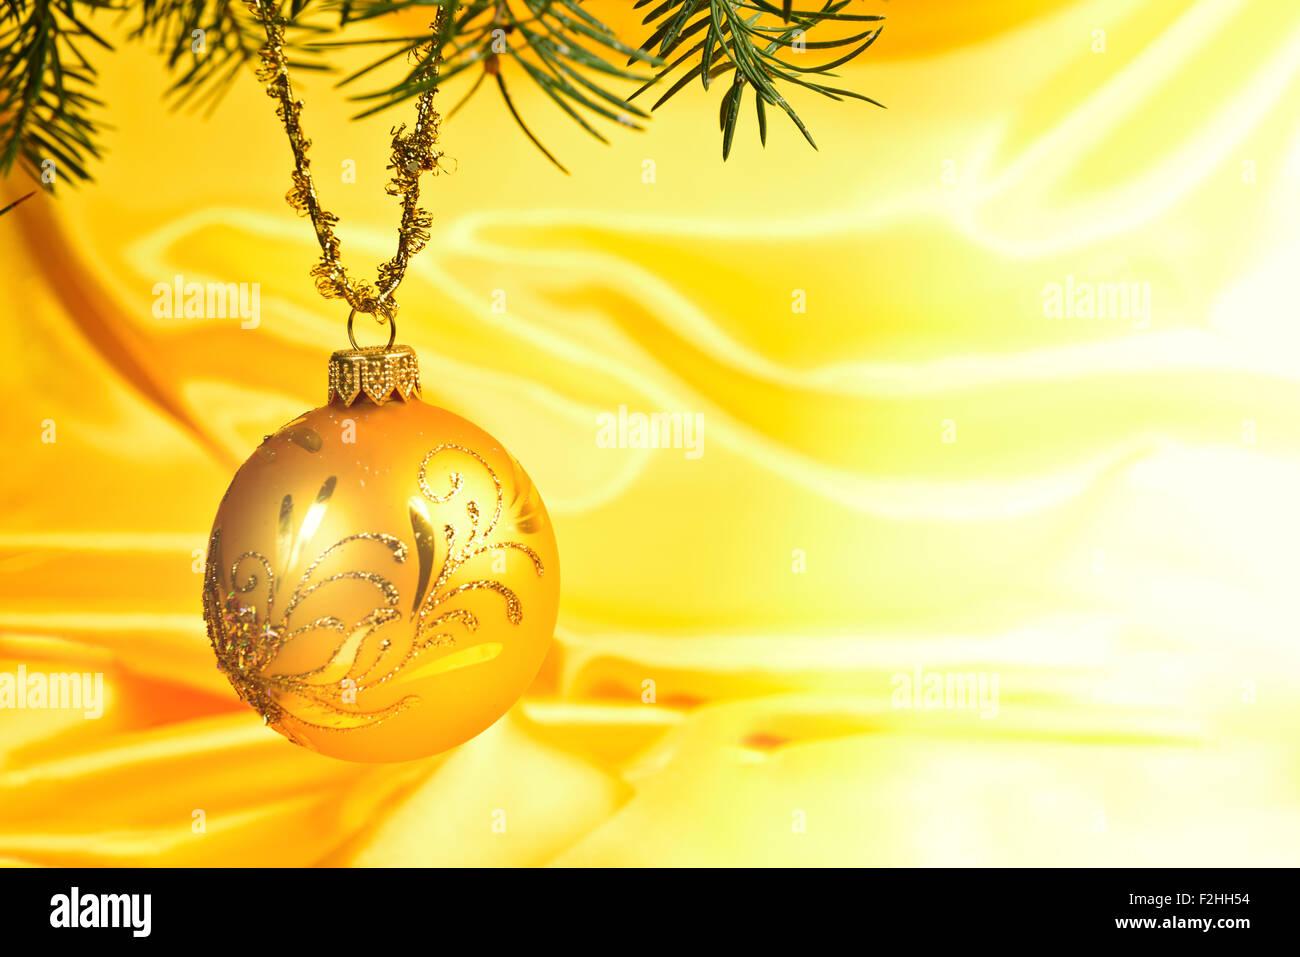 Gelbe Kugel Goldene Weihnachten Hintergrund Stockbild